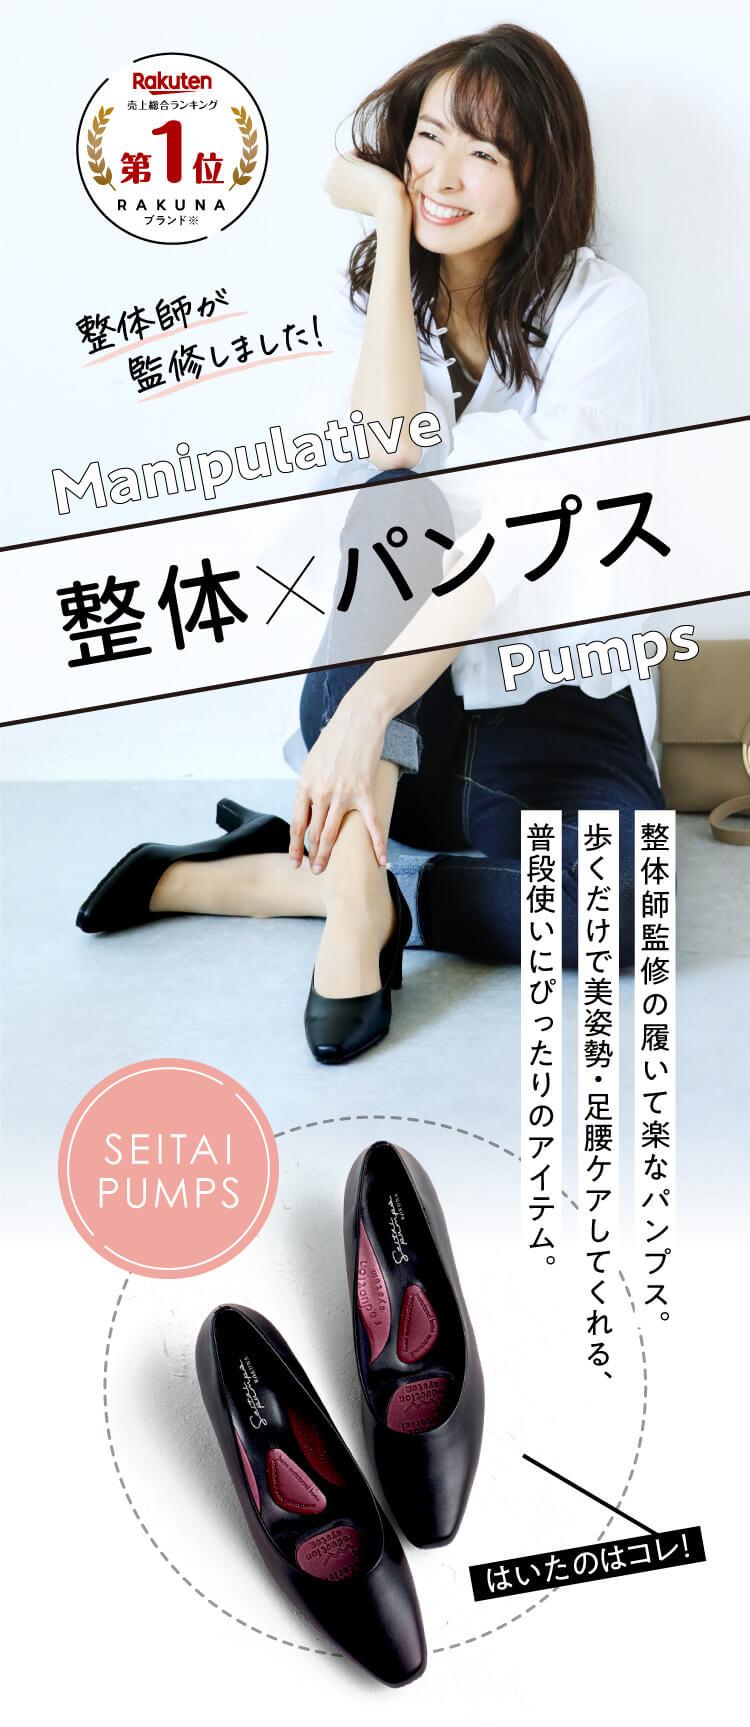 楽天第1位獲得のRAKUNAから整体師が作った究極にラクな靴「整体パンプス」誕生